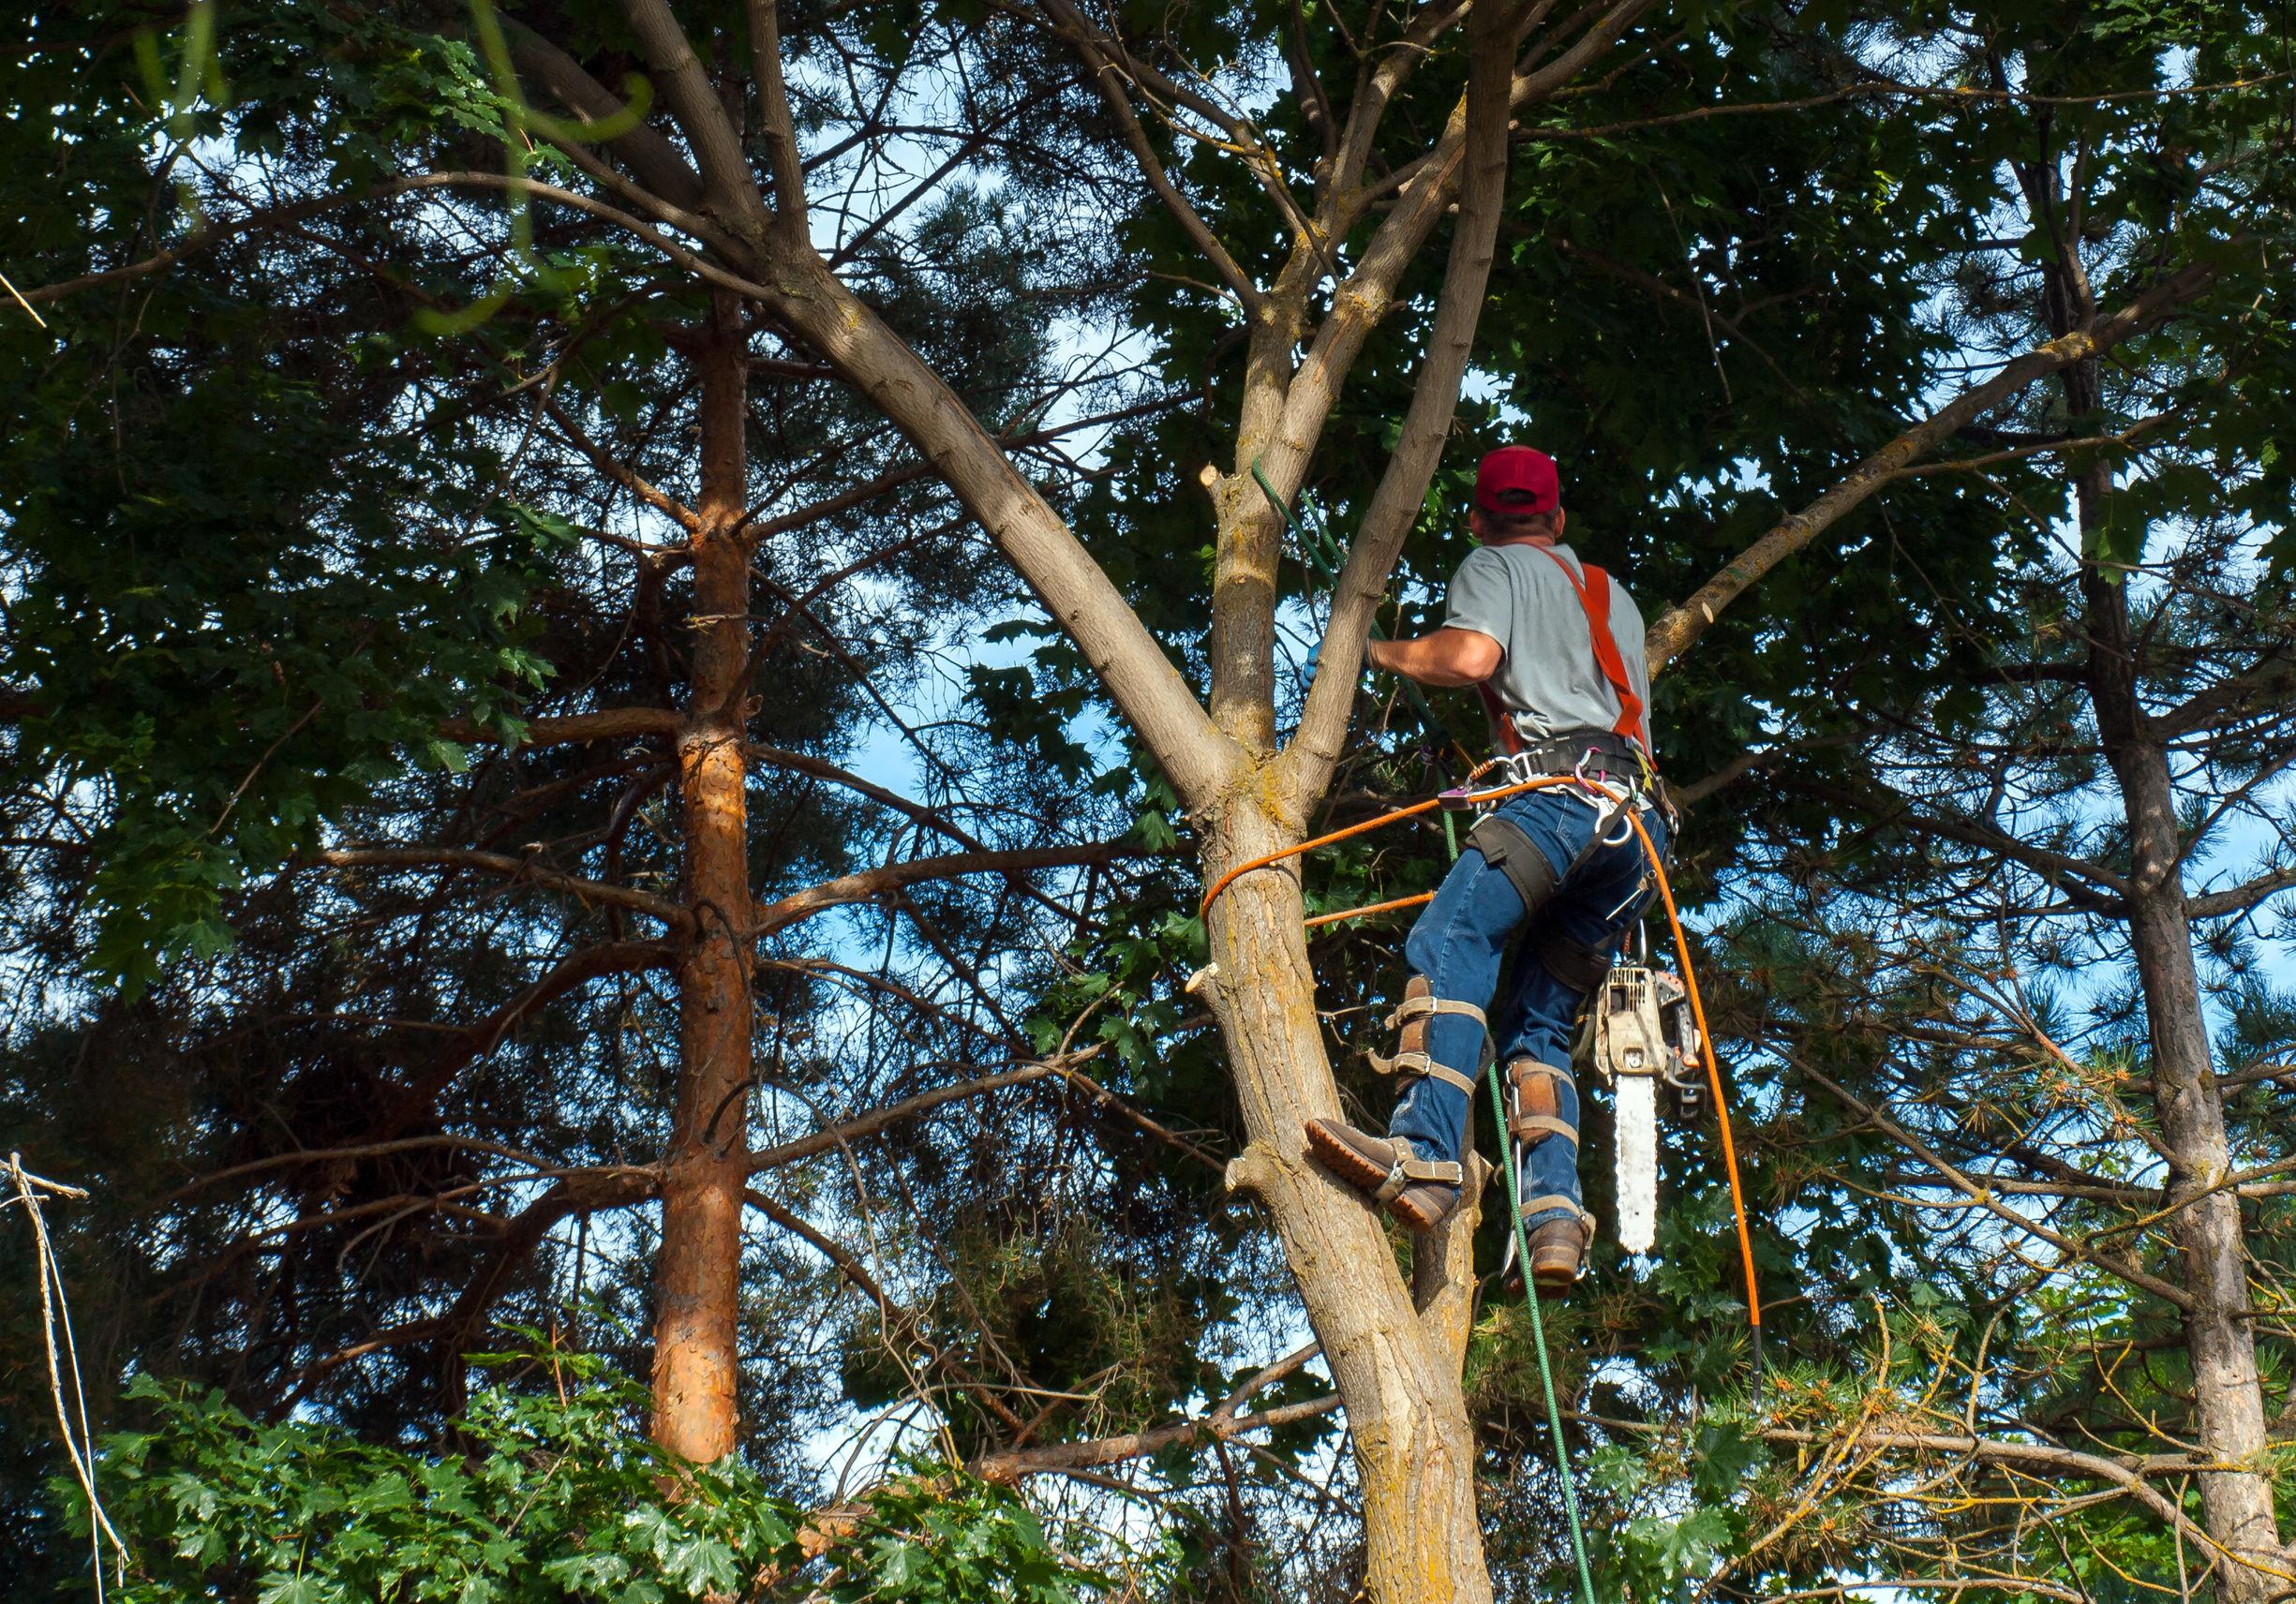 un élagueur professionnel traitant un érable, élagage, arboristerie